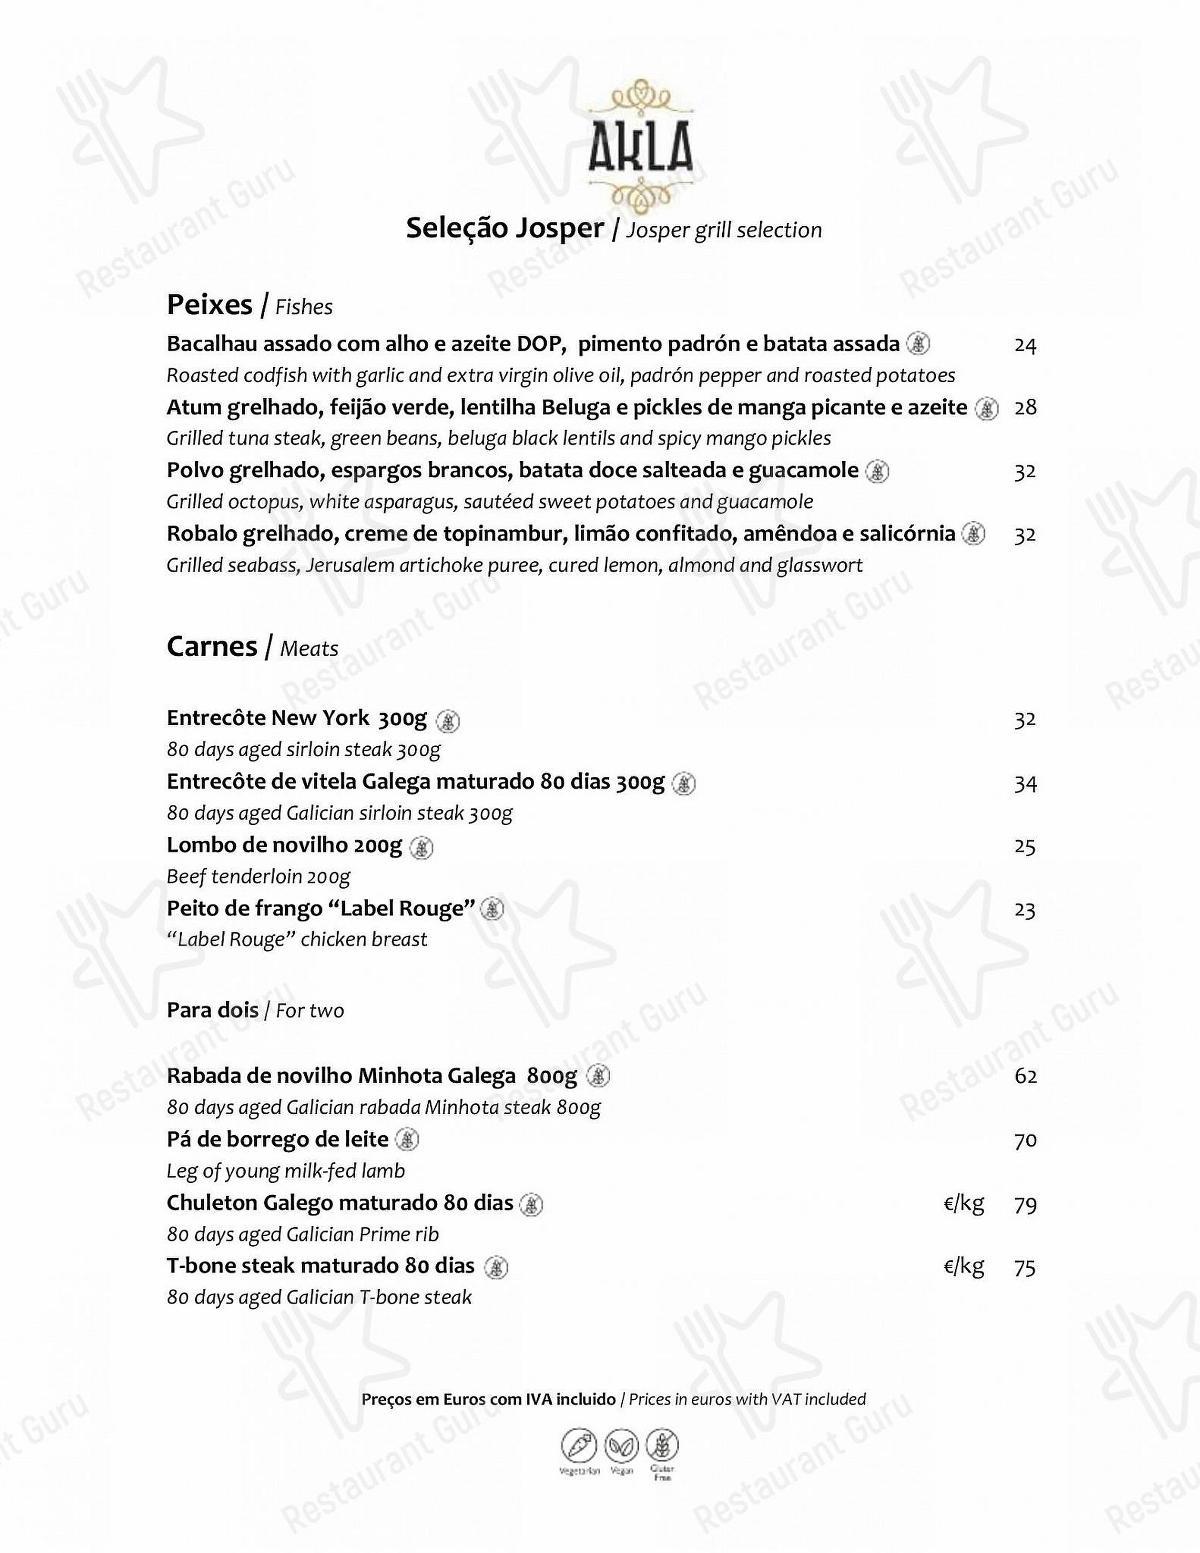 Menu for the AKLA restaurant